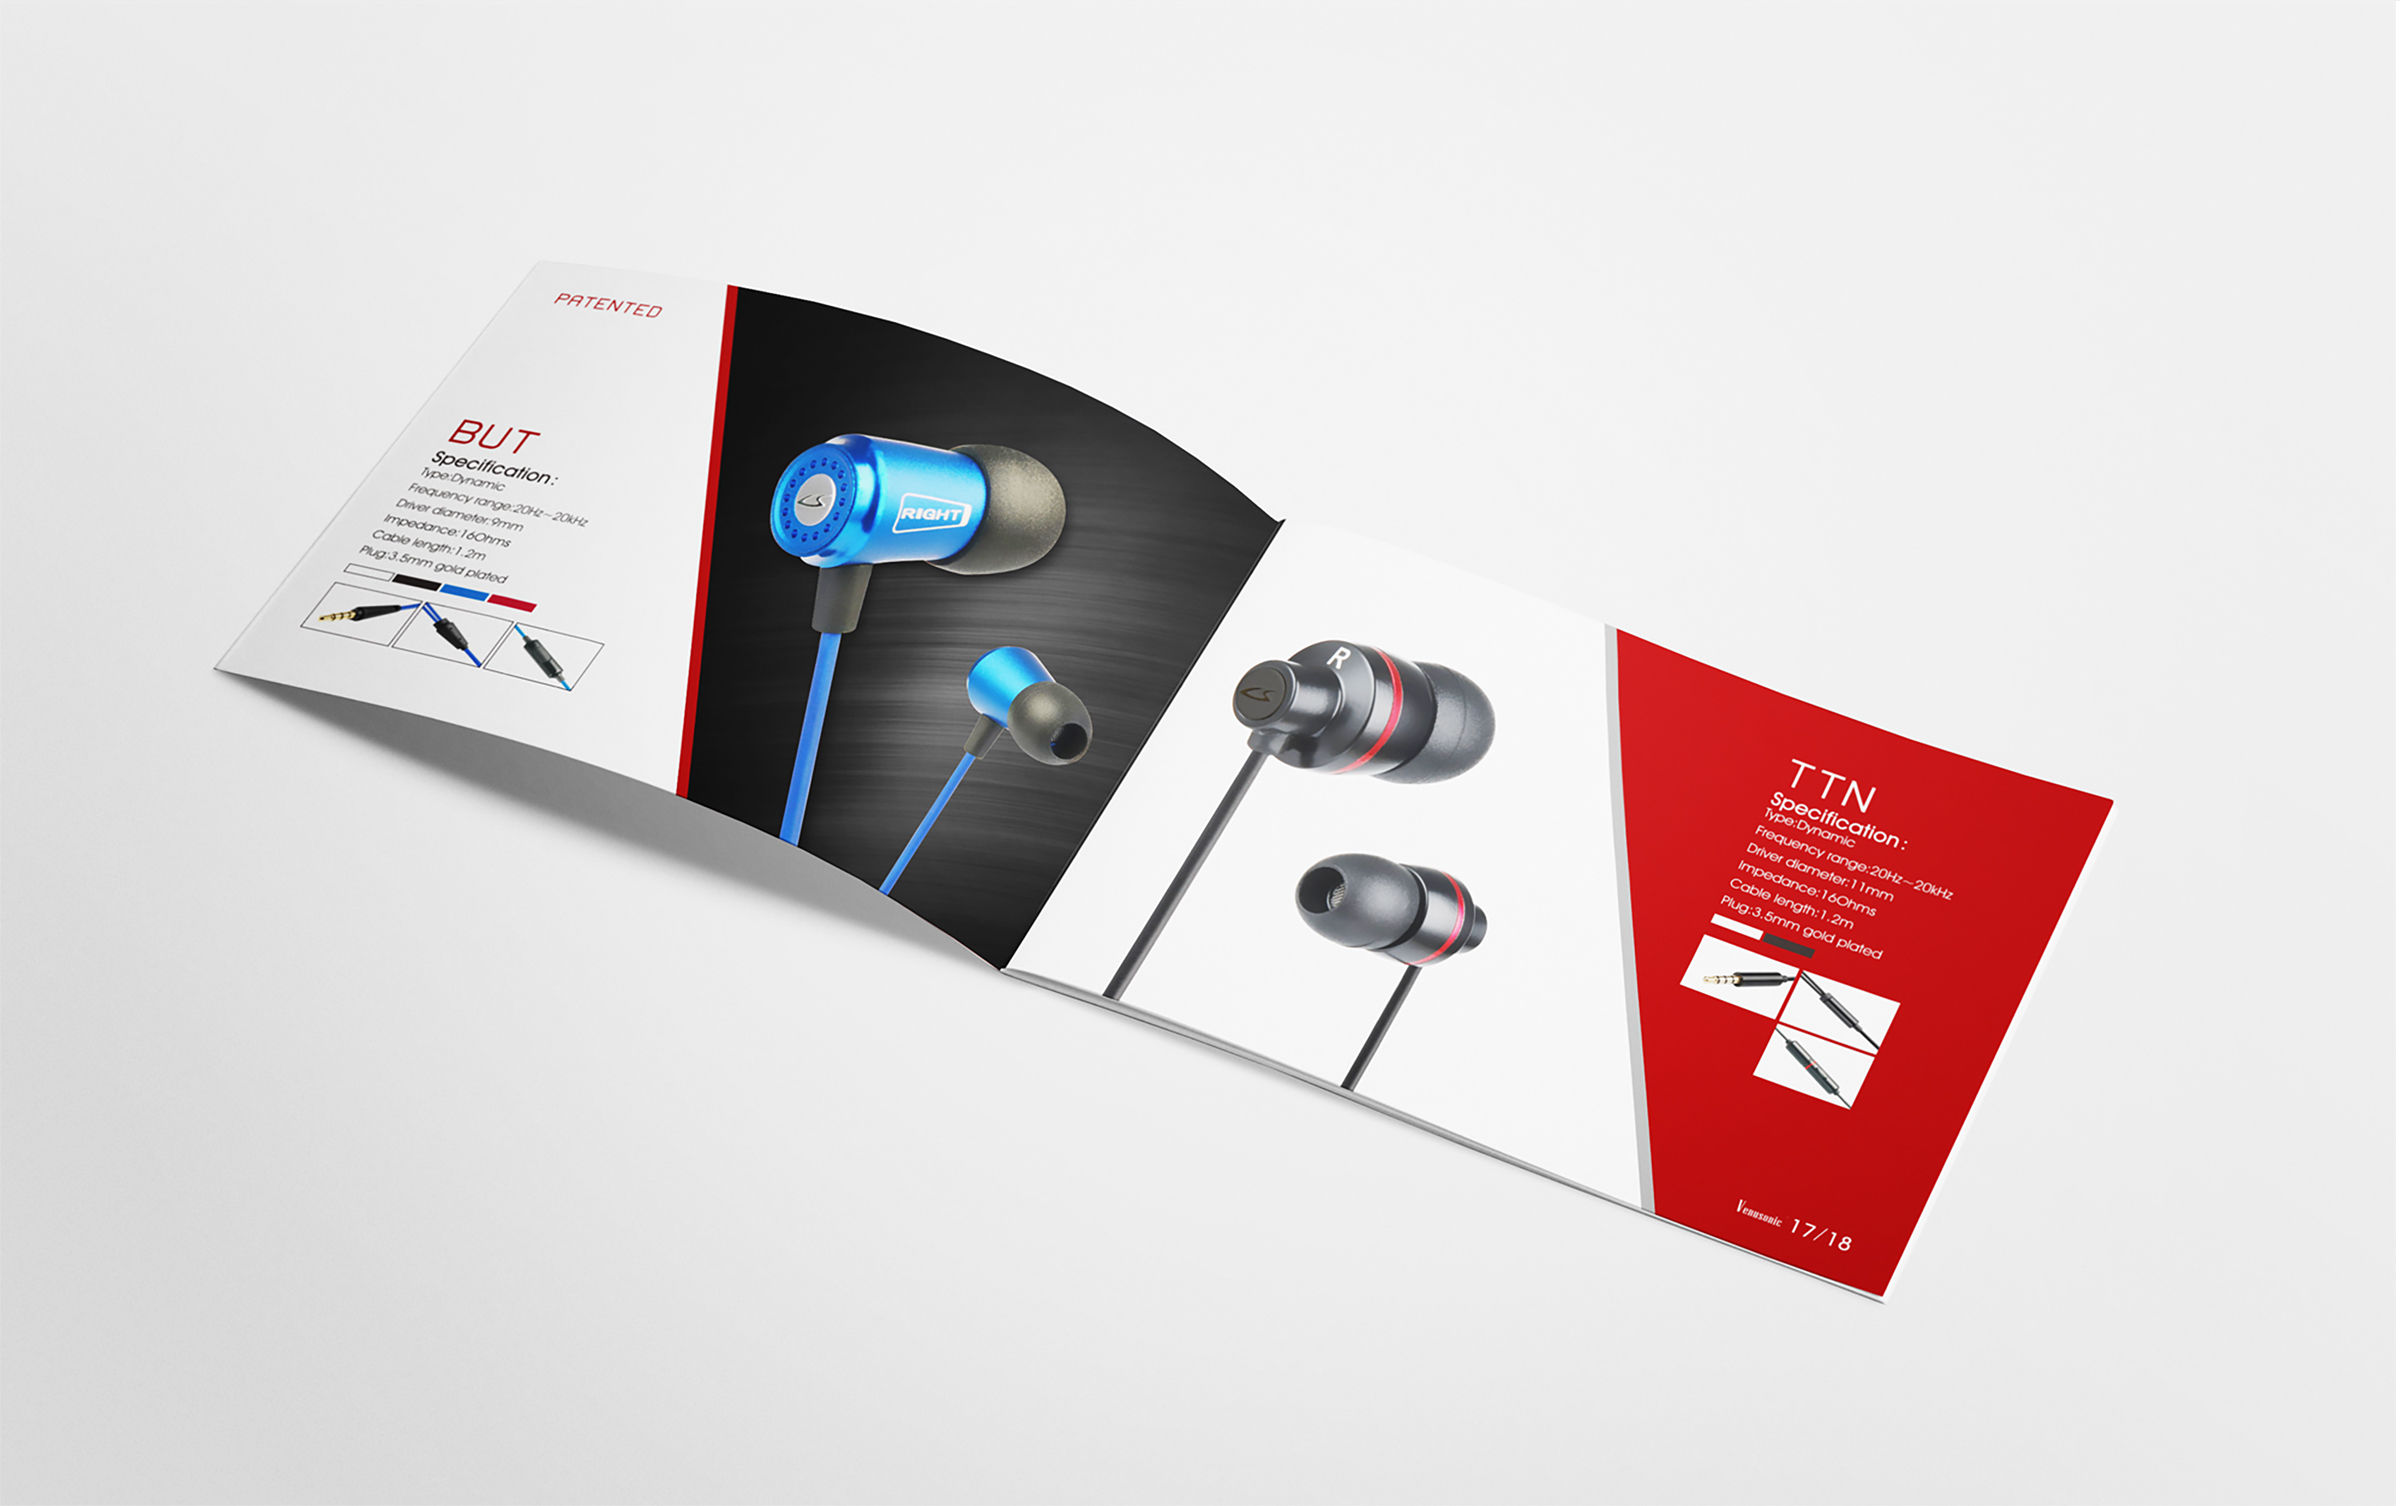 耳机画册设计 比高墨象序R品牌设计公司 专业东莞VI设计 LOGO设计 品牌策划 商业空间设计公司 作品案例 高端画册